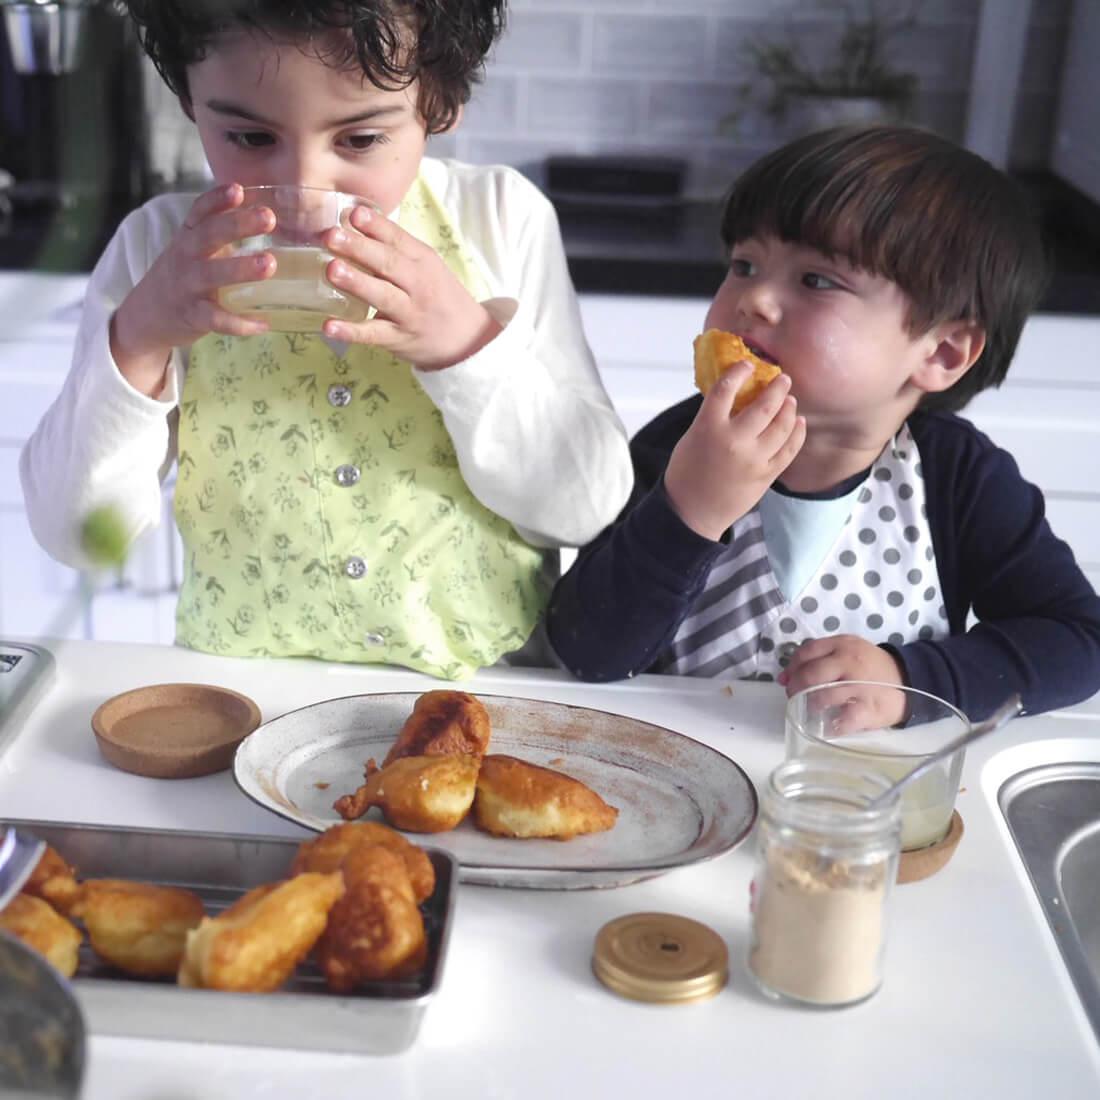 お食事中の汚れからお洋服をガードするのはもちろん、エプロンにもシミない防汚素材を採用。 by MARLMARL